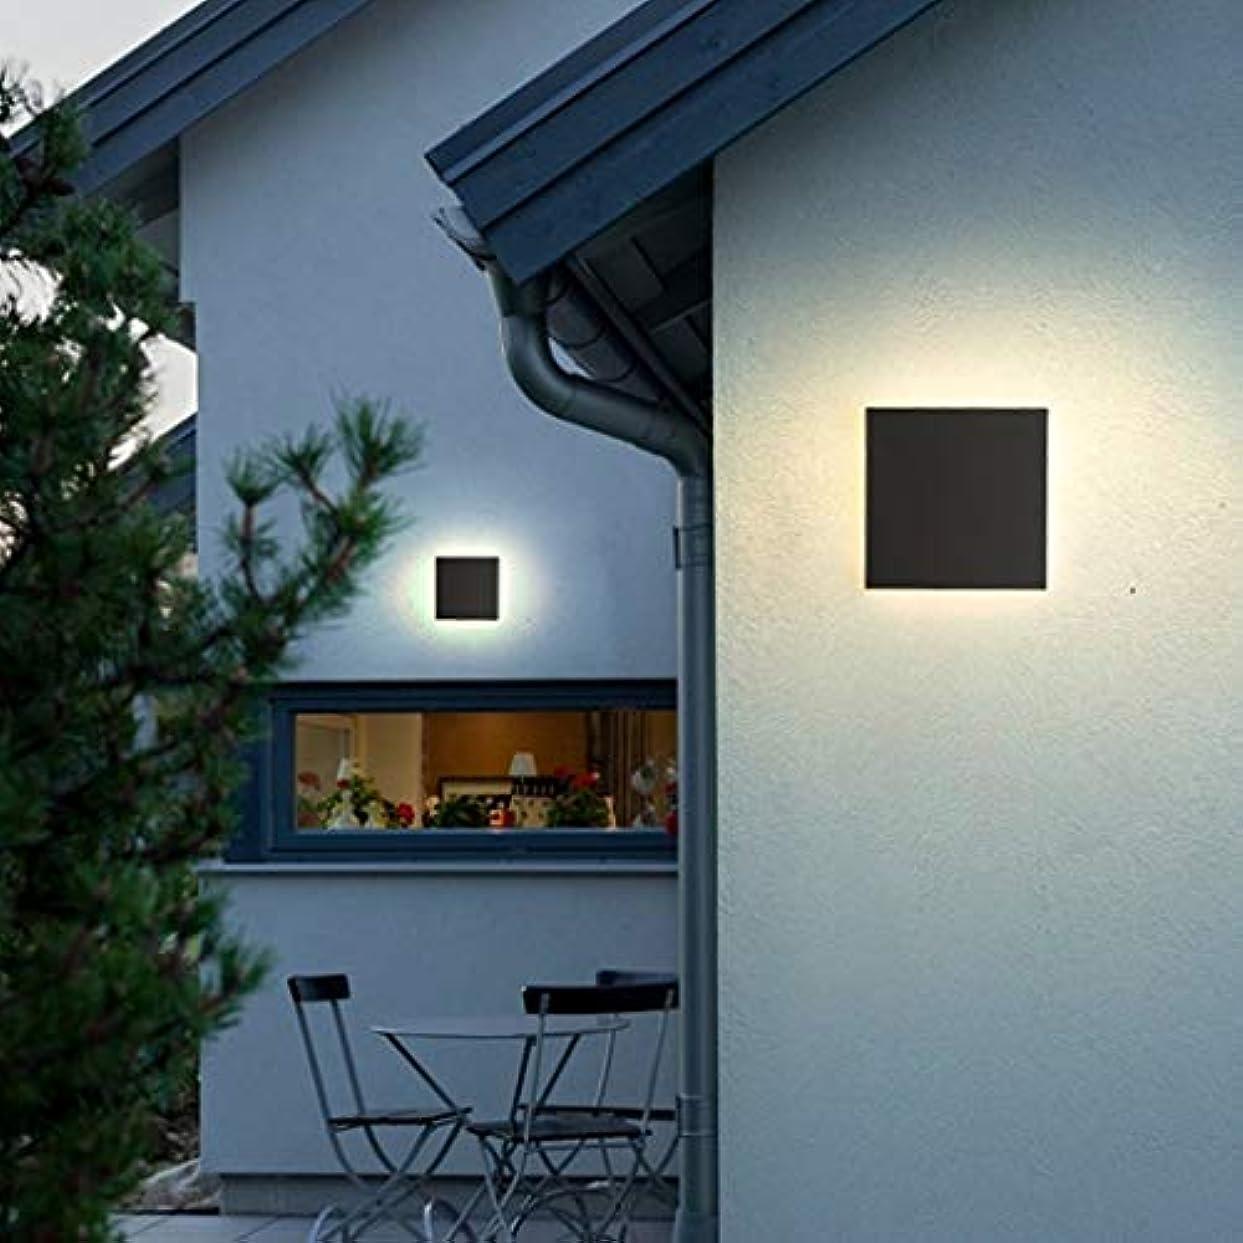 優遇アリスファンネルウェブスパイダー防水屋外ウォールランプ北欧防水ウォールランプ屋外屋内ウォールランプ景観ランプ屋外中庭ウォールランプアイルランプバルコニーガーデンランプ (サイズ さいず : 平方)